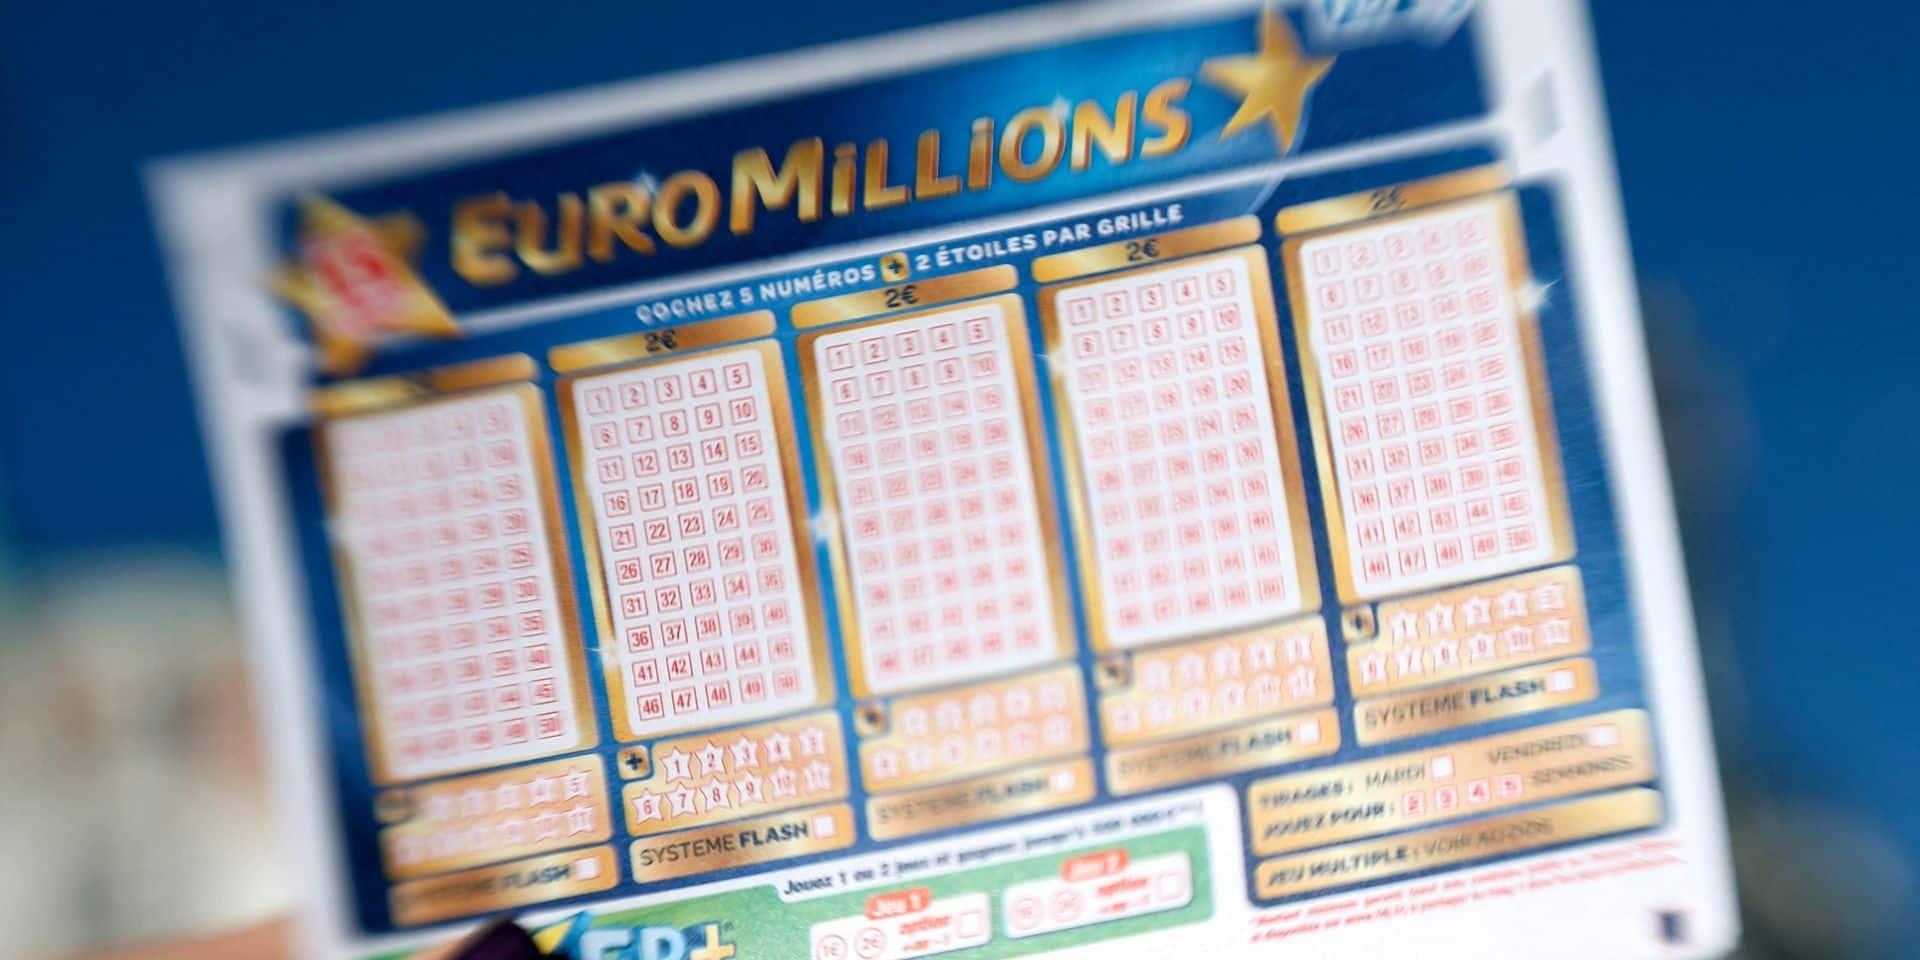 EuroMillions: pas de gagnant pour le jackpot historique de 210 millions ce mardi, mais 6 joueurs décrochent néanmoins une belle somme